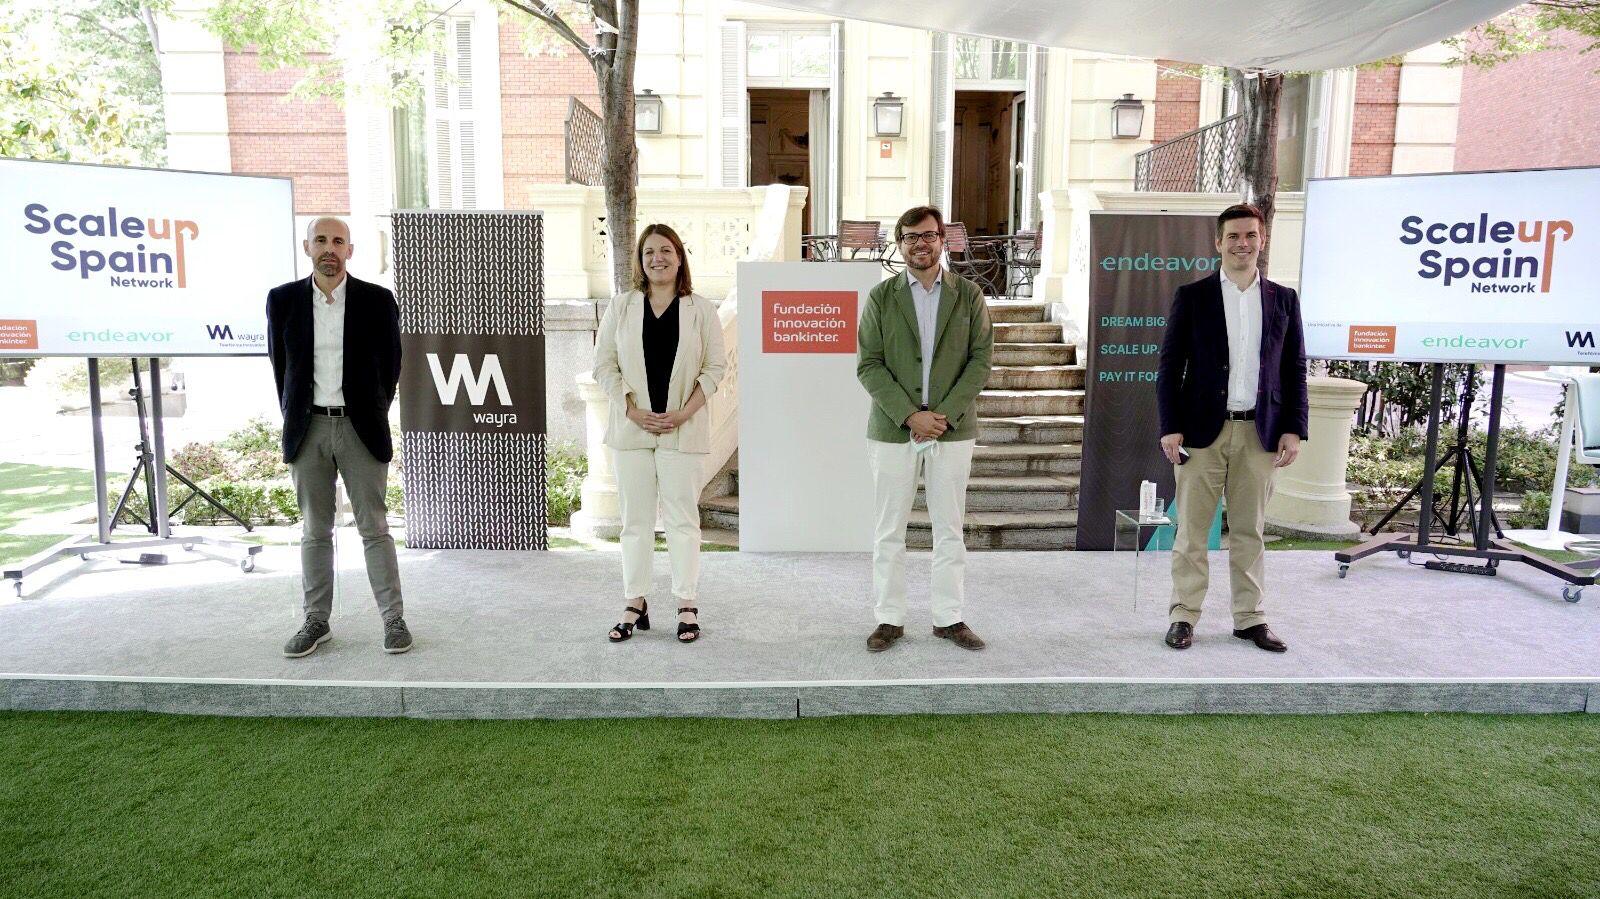 Nace Scaleup Spain Network, el motor para impulsar el ecosistema startup español